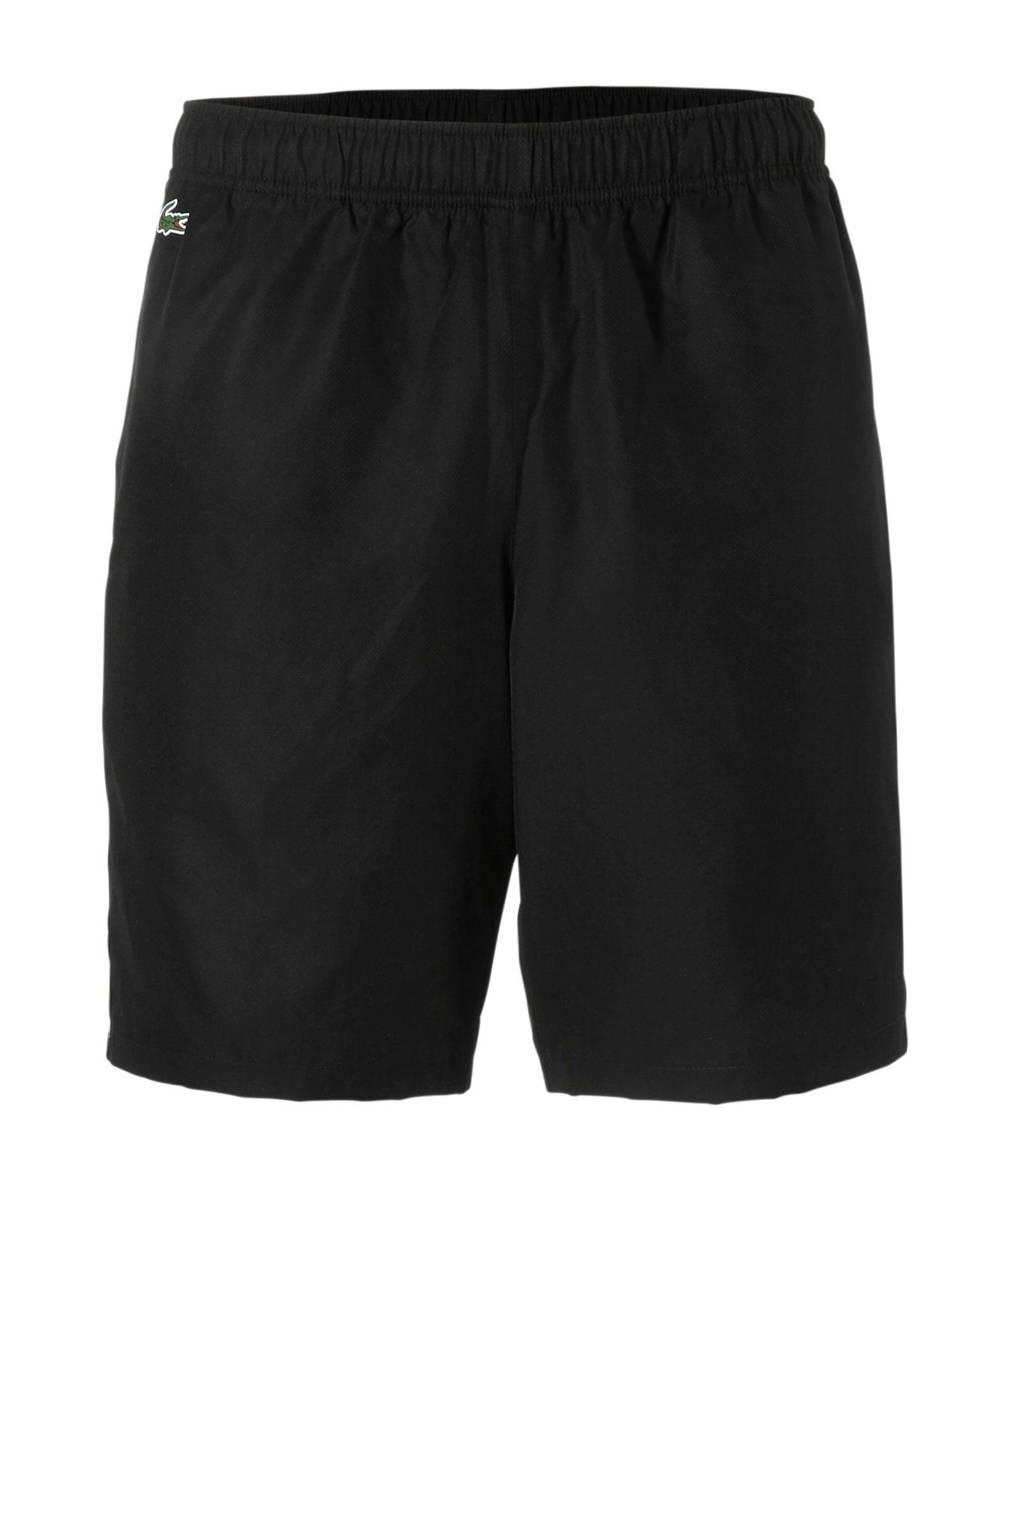 Lacoste   short zwart, Zwart